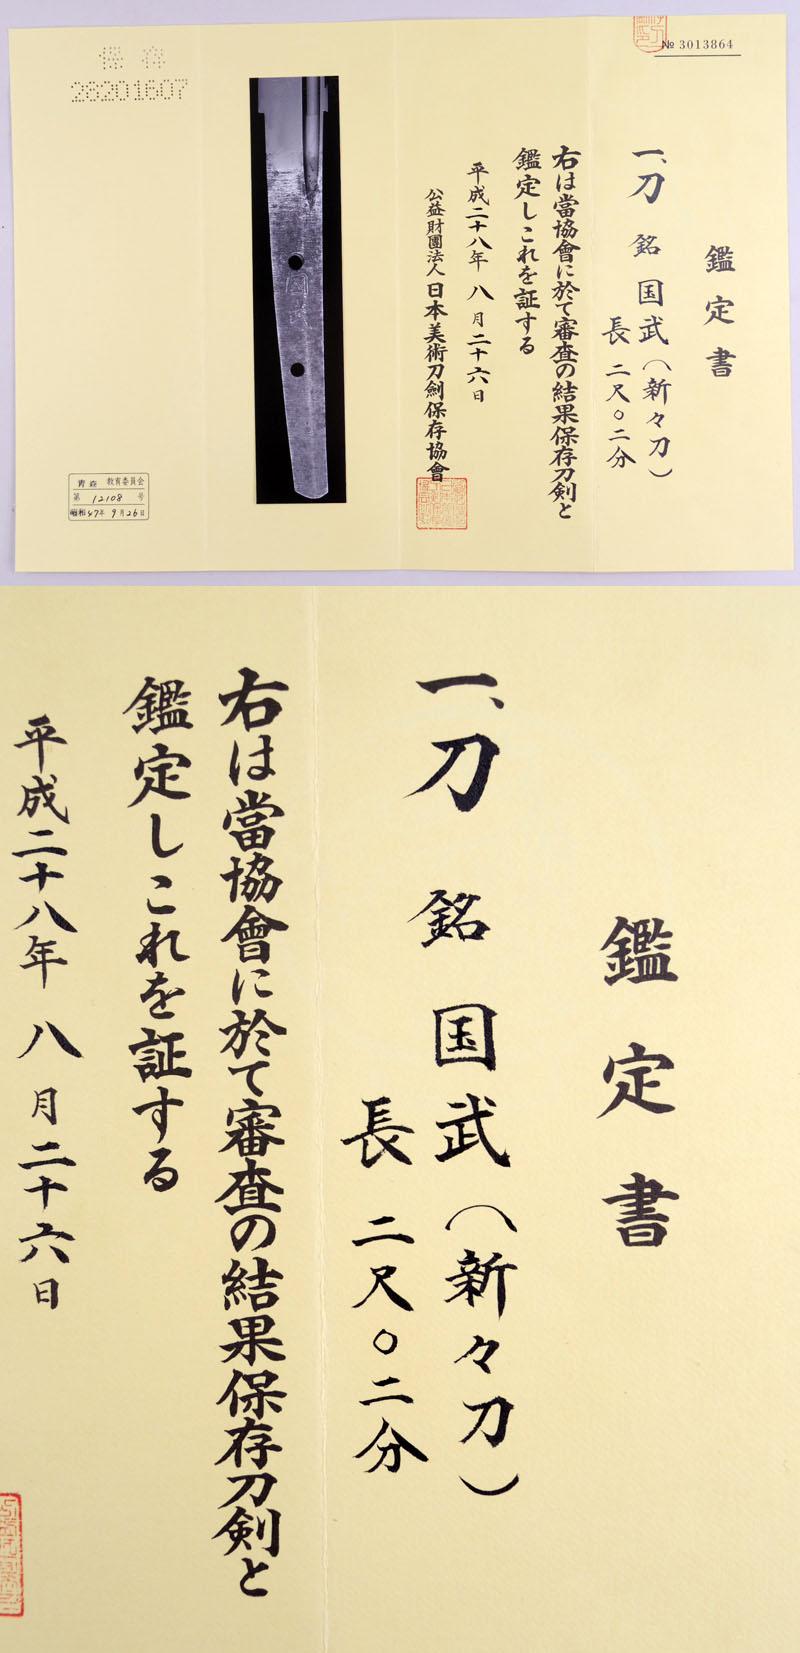 国武 Picture of Certificate